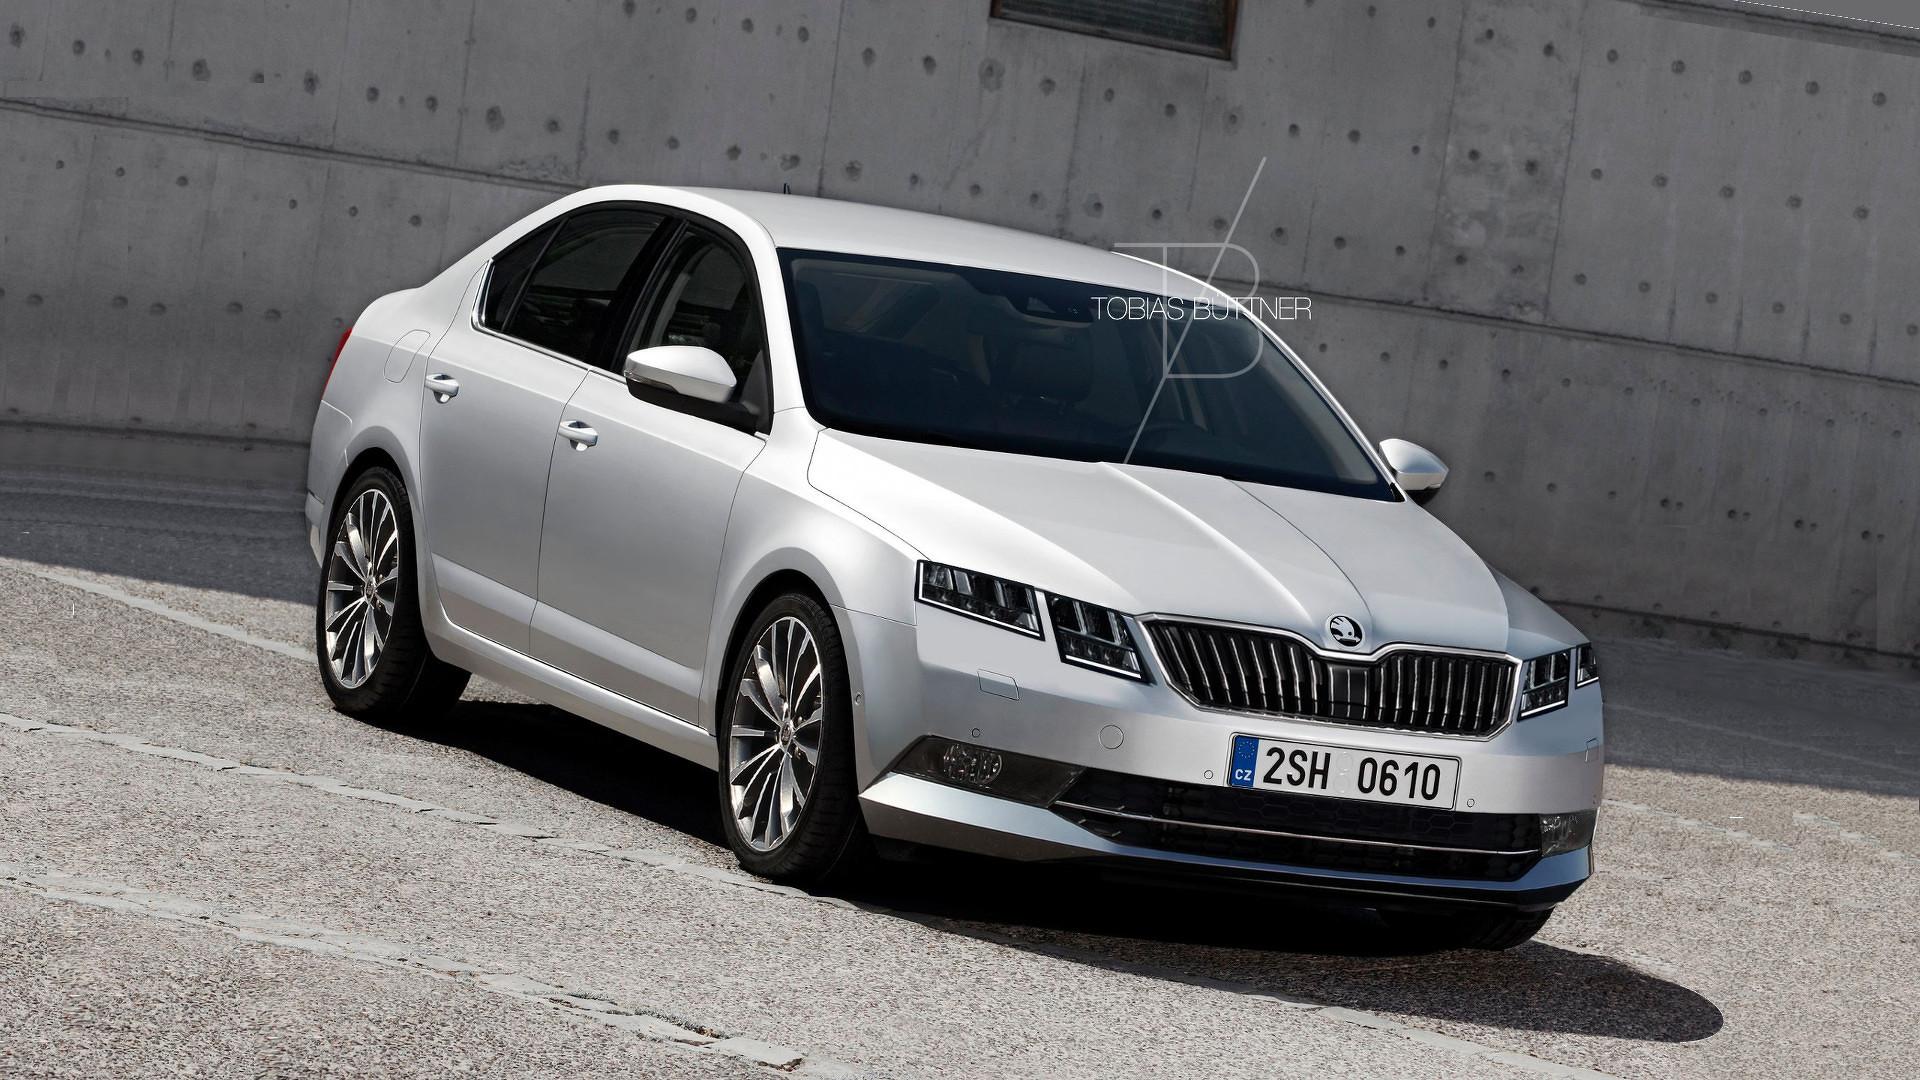 Skoda Octavia facelift rumor roundup, including vRS 245